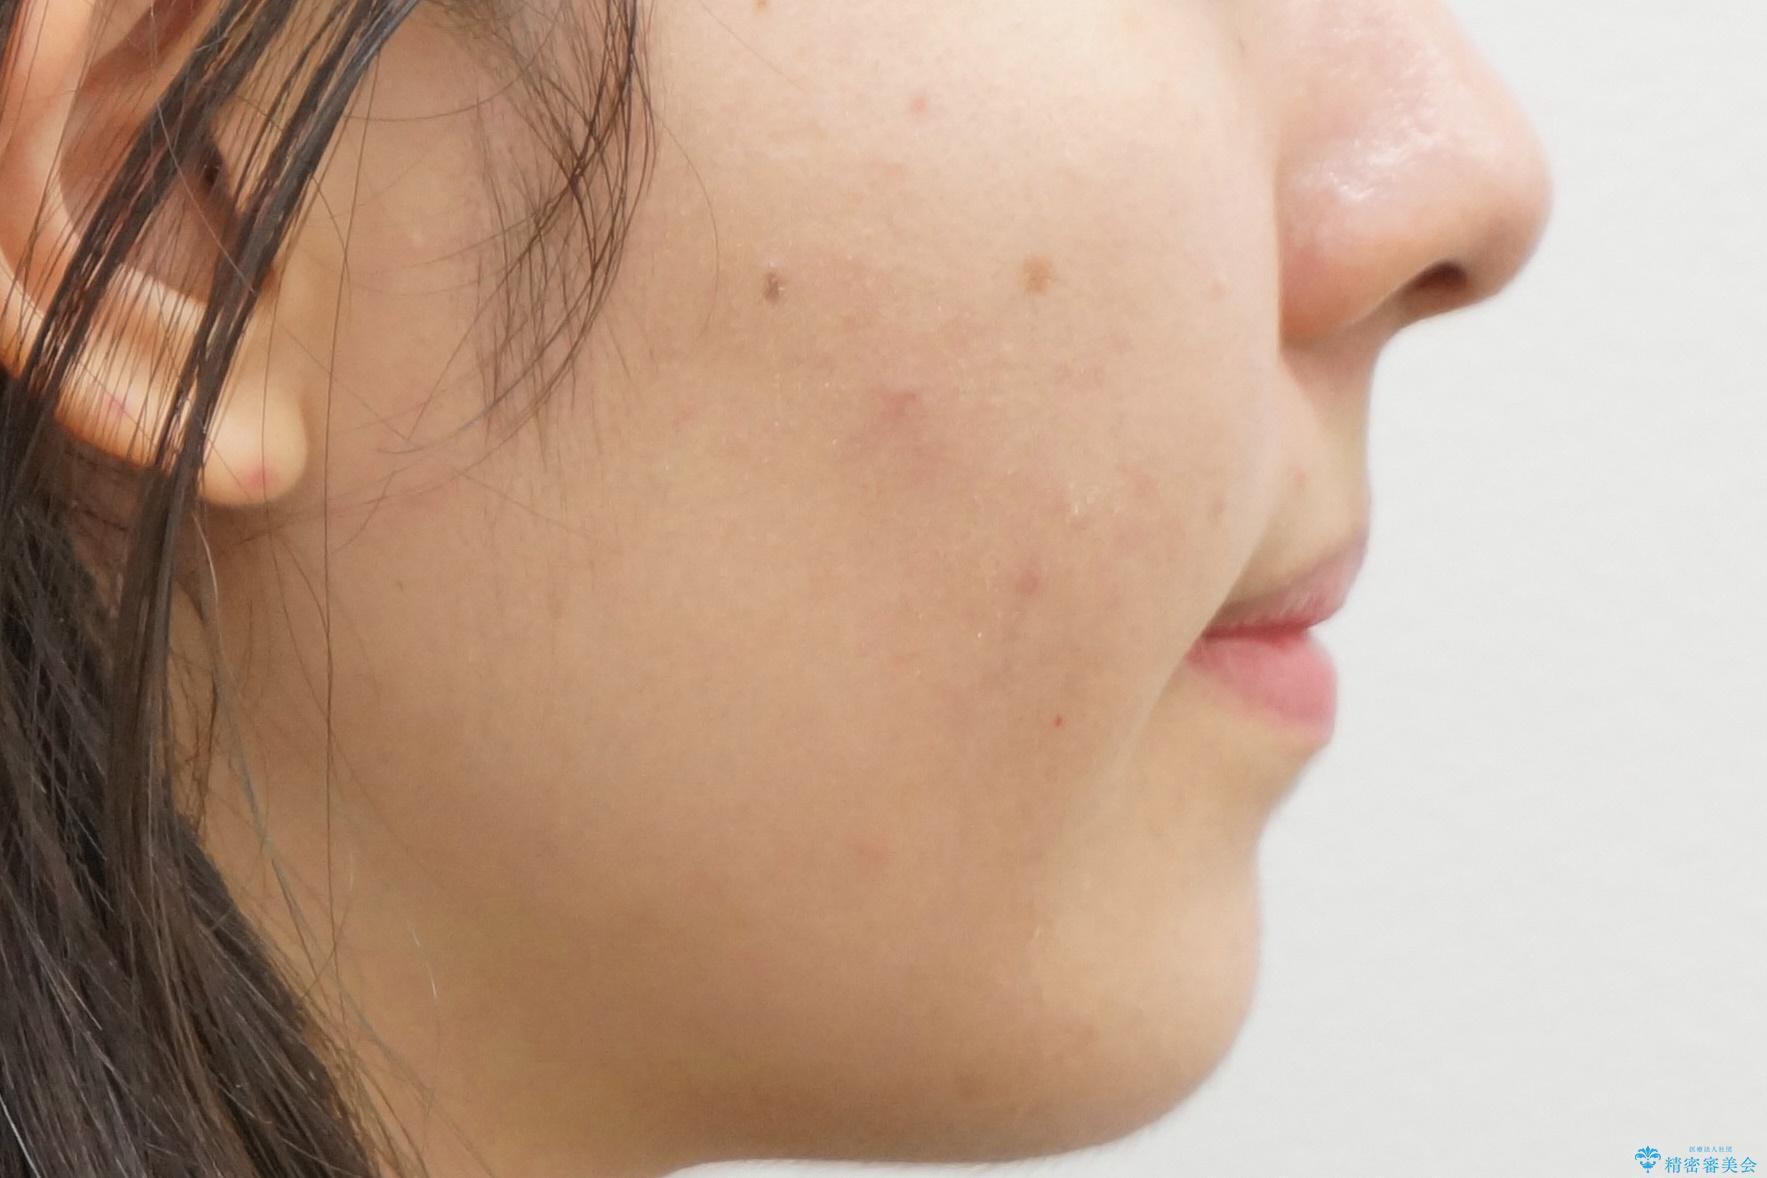 マウスピース矯正 下顎前歯のがたつきの改善の治療後(顔貌)